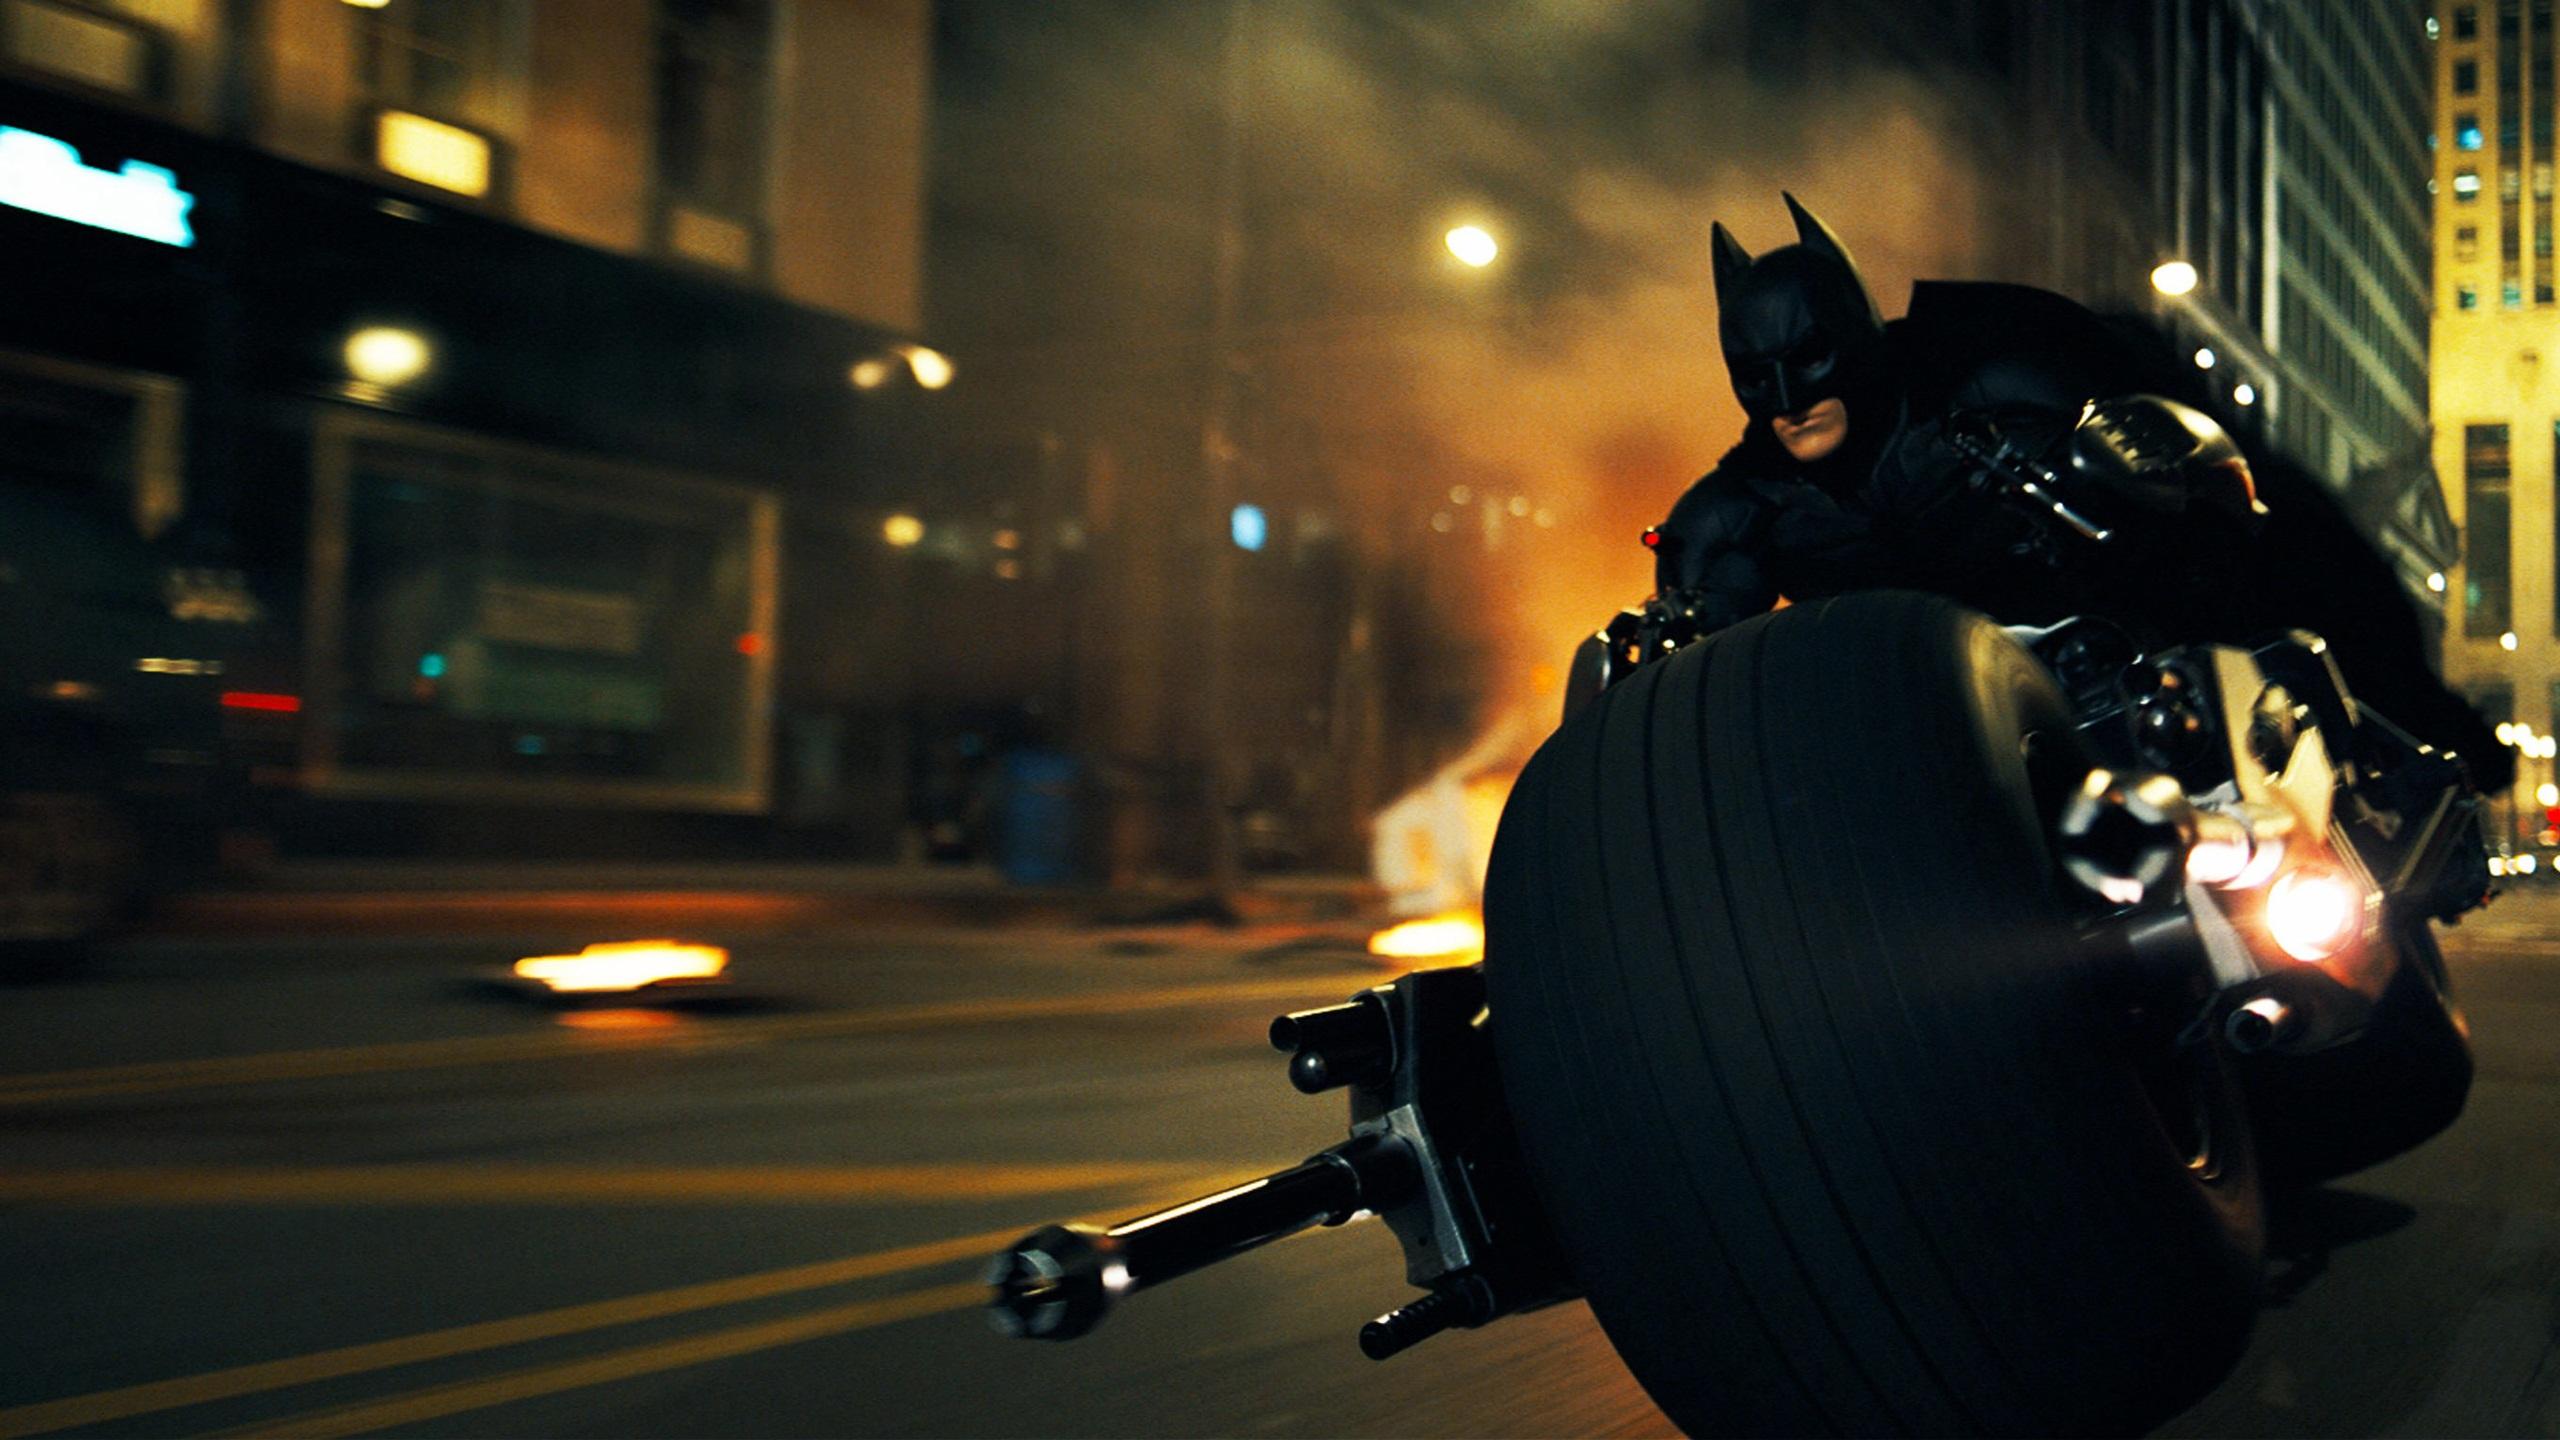 Batman in Dark Knight Rises Wallpapers HD Wallpapers 2560x1440